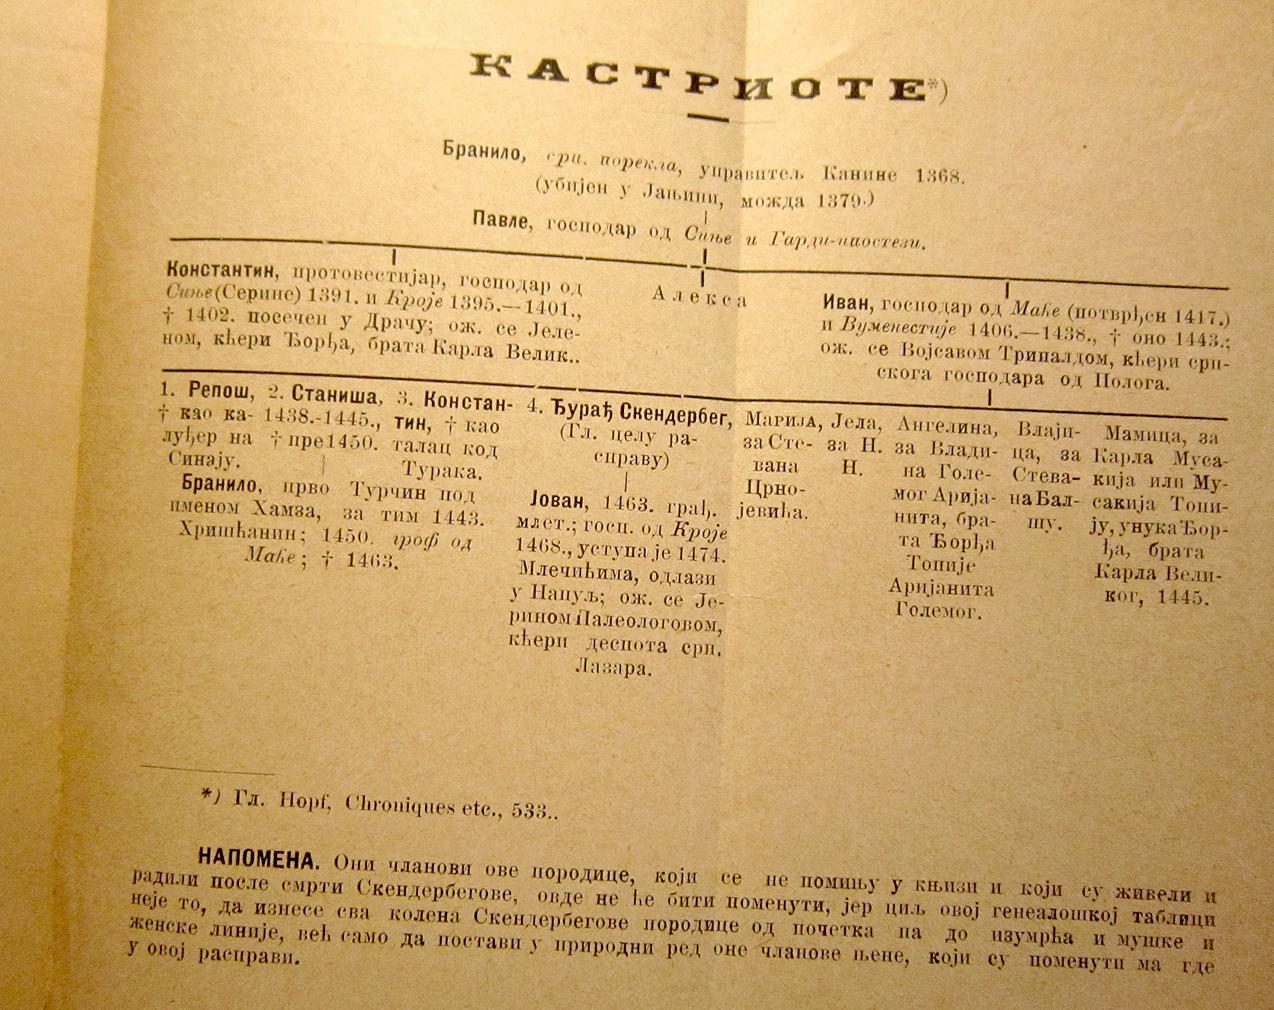 Genealogija. Porodicno stablo porodice Kastriota : Djurdja Kastriotica Skenderbega